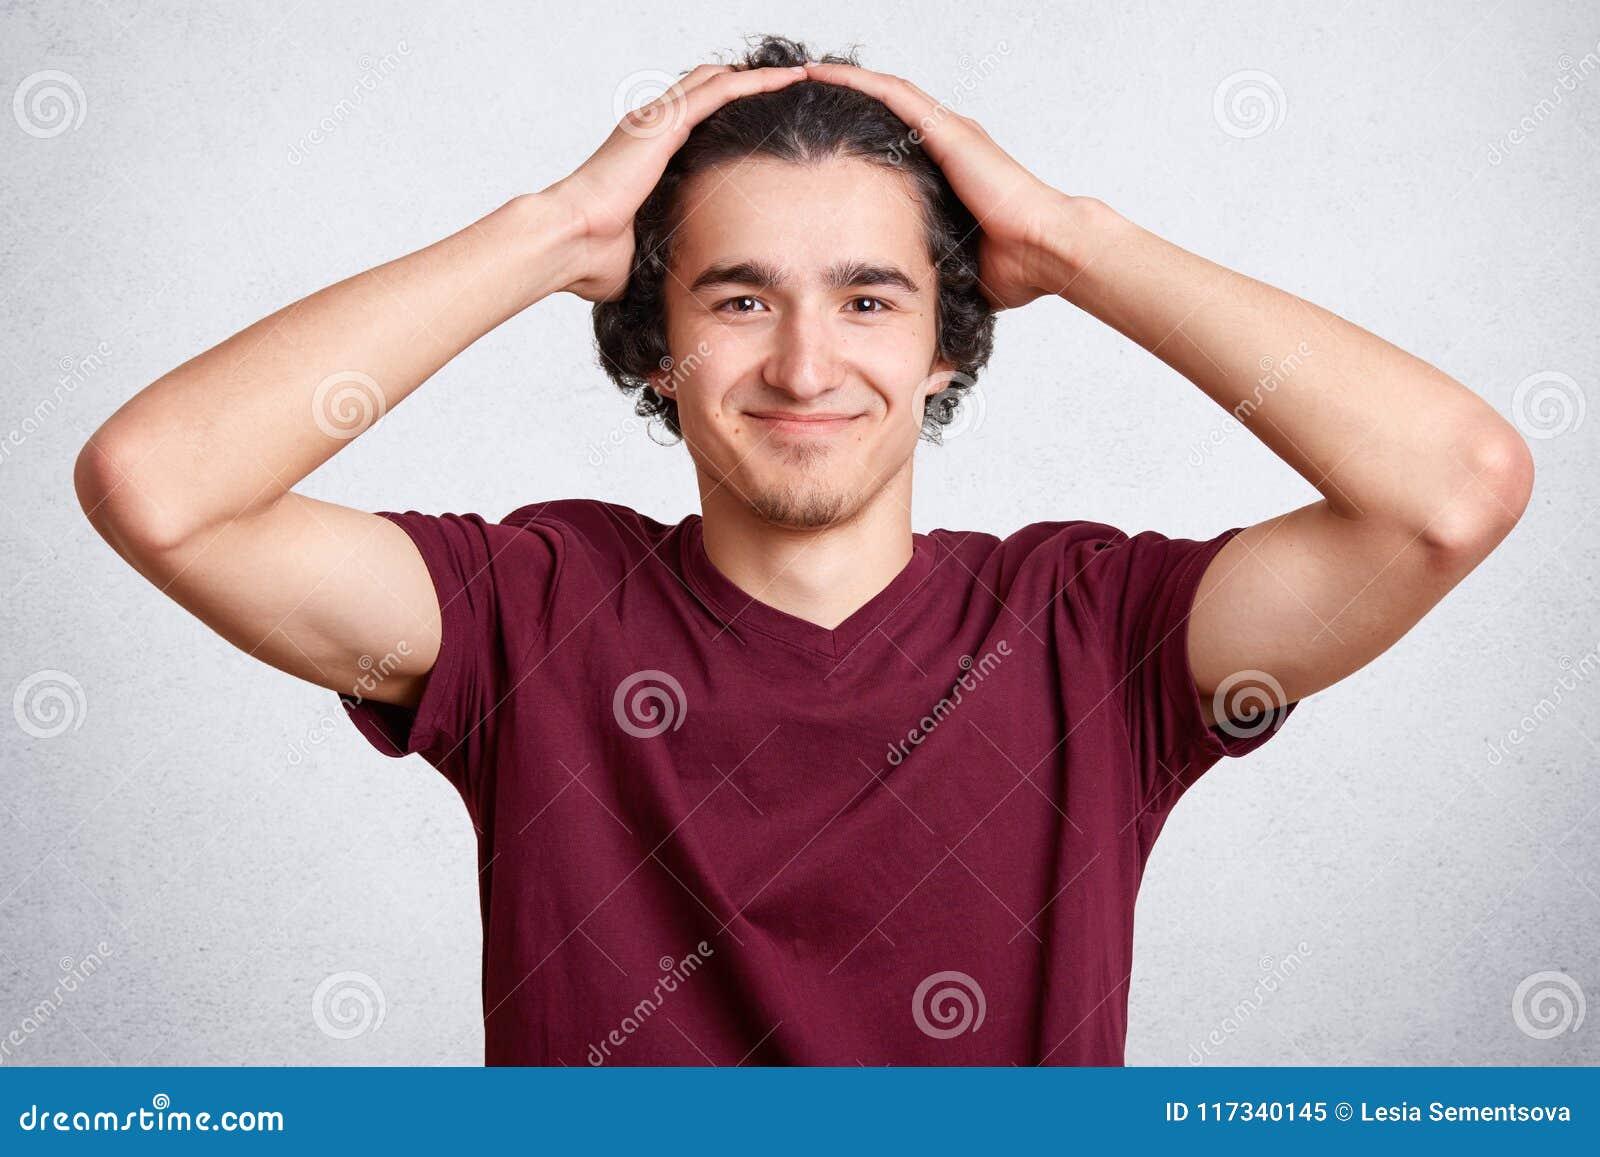 Ευχάριστο να φανεί ευχαριστημένος έφηβος που είναι στην καλή διάθεση μετά από το επιτυχές παιχνίδι, λαμβάνει τη νίκη και ο θρίαμβ